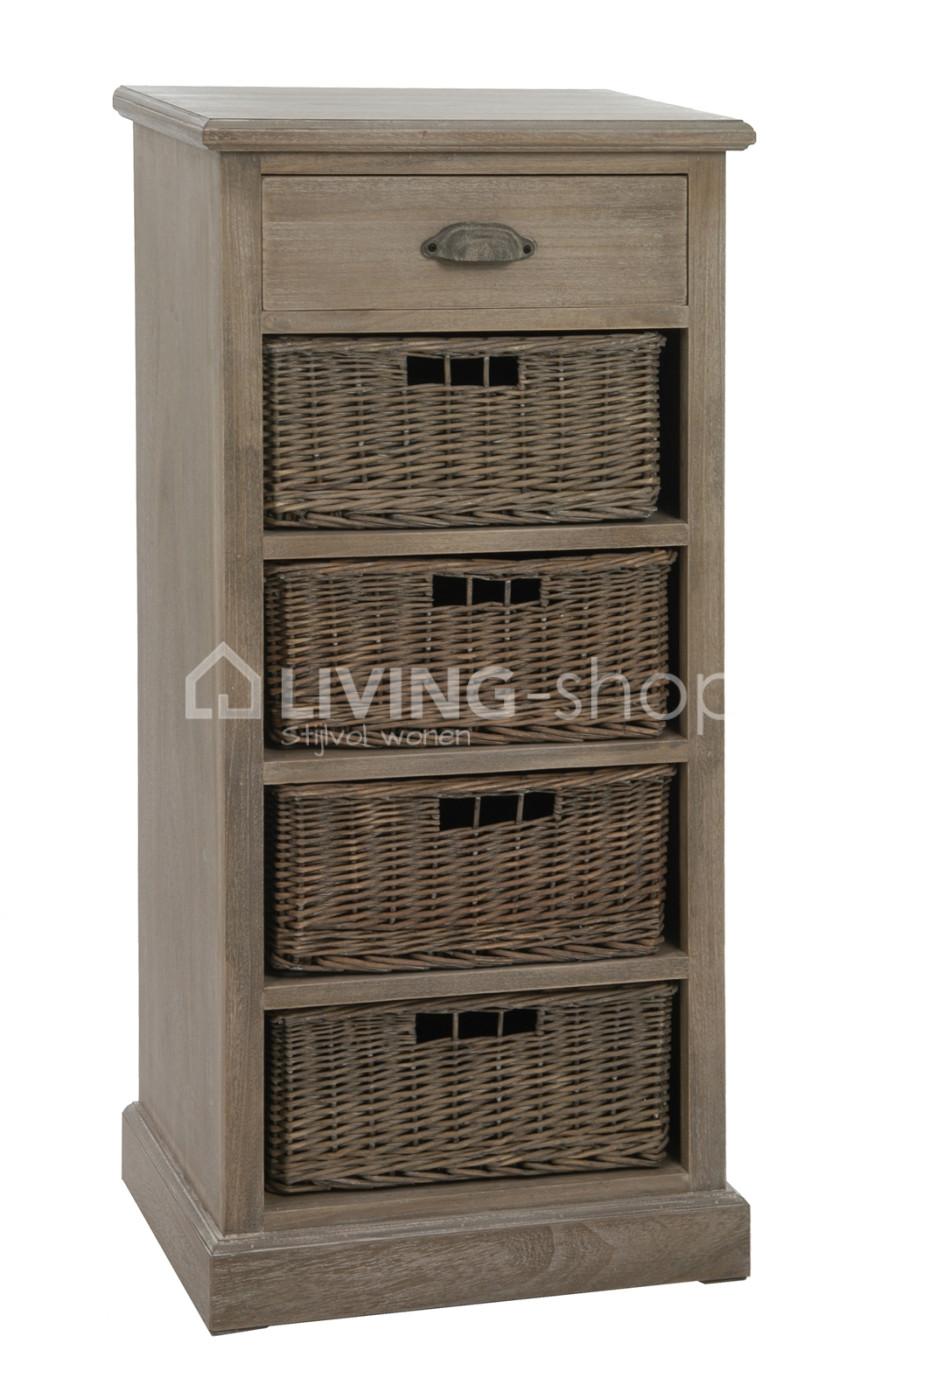 petit mobilier panier armoire j line en ligne living shop mobilier boutique web. Black Bedroom Furniture Sets. Home Design Ideas